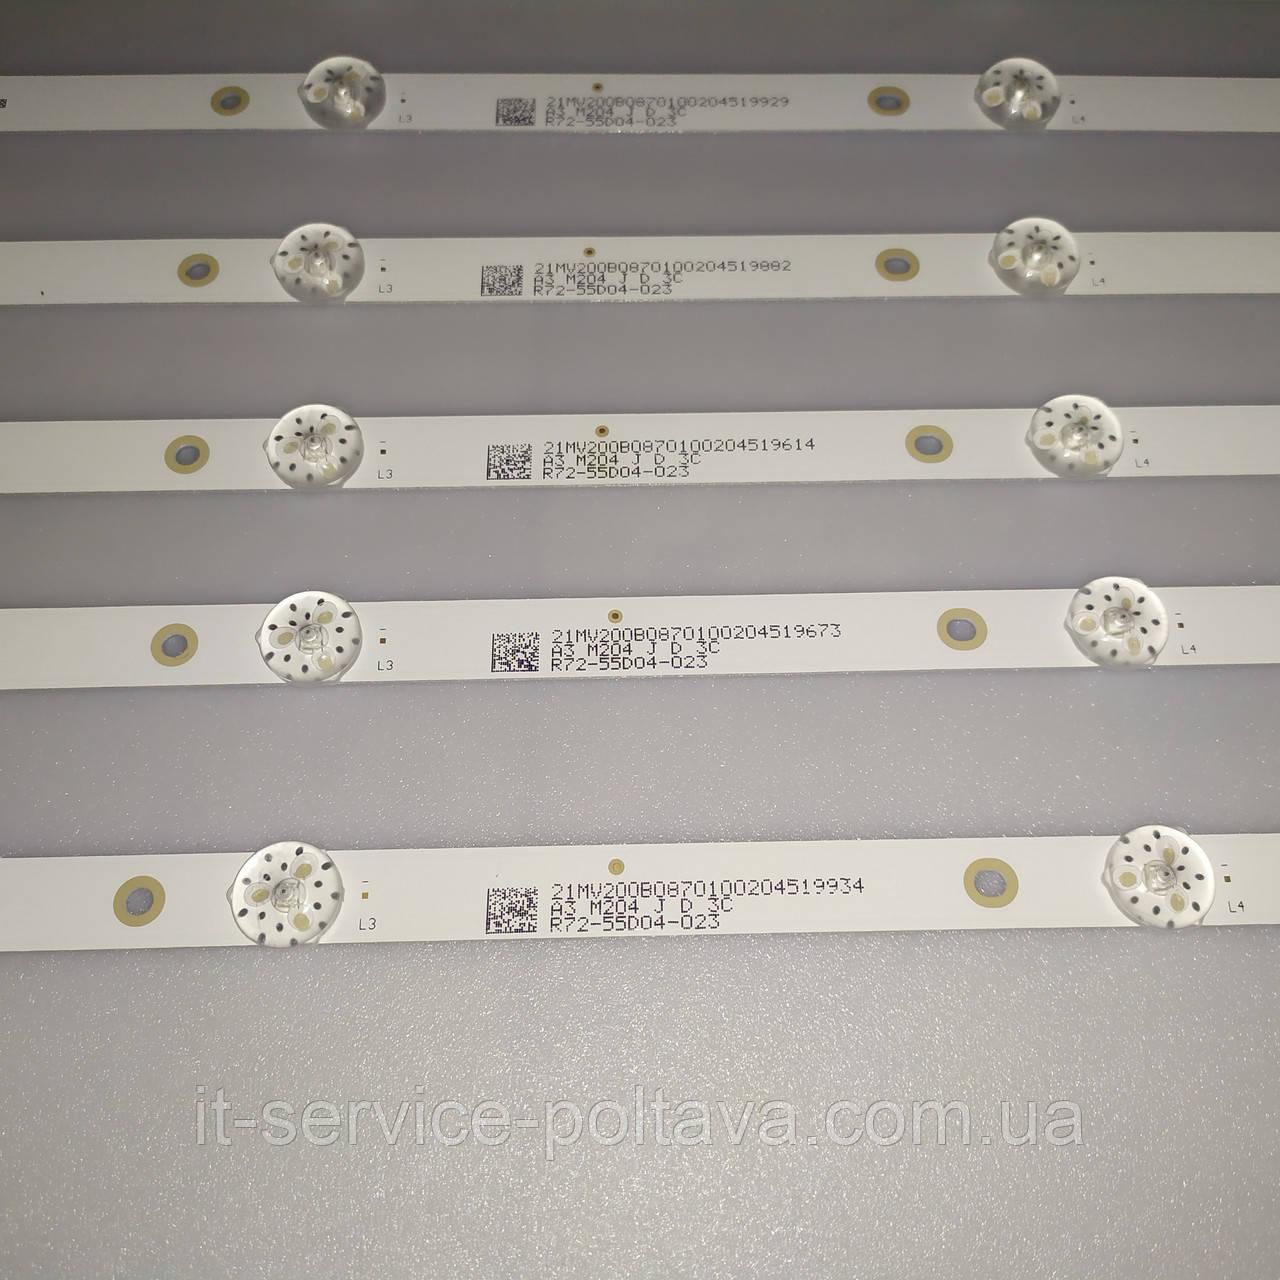 LED підсвічування R72-55D04-023 (MS-L3639 V1)